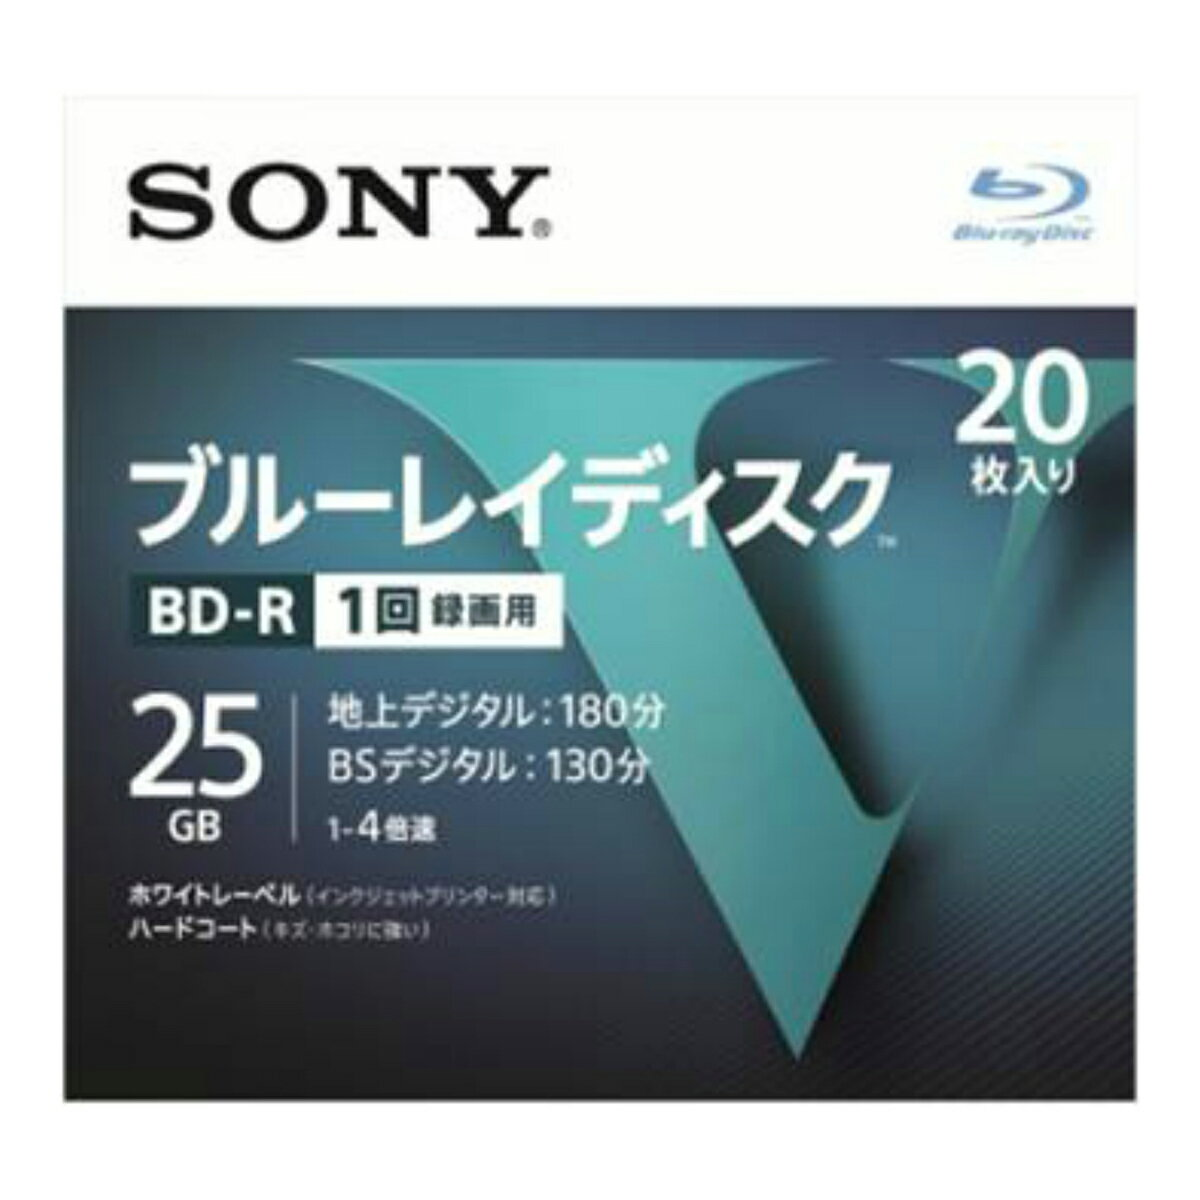 【送料無料・まとめ買い×006】ソニー ブルーレイディスク R4倍速1層 Vシリーズ 20BNR1VLPS4 20枚入 ×006点セット(4548736037243)